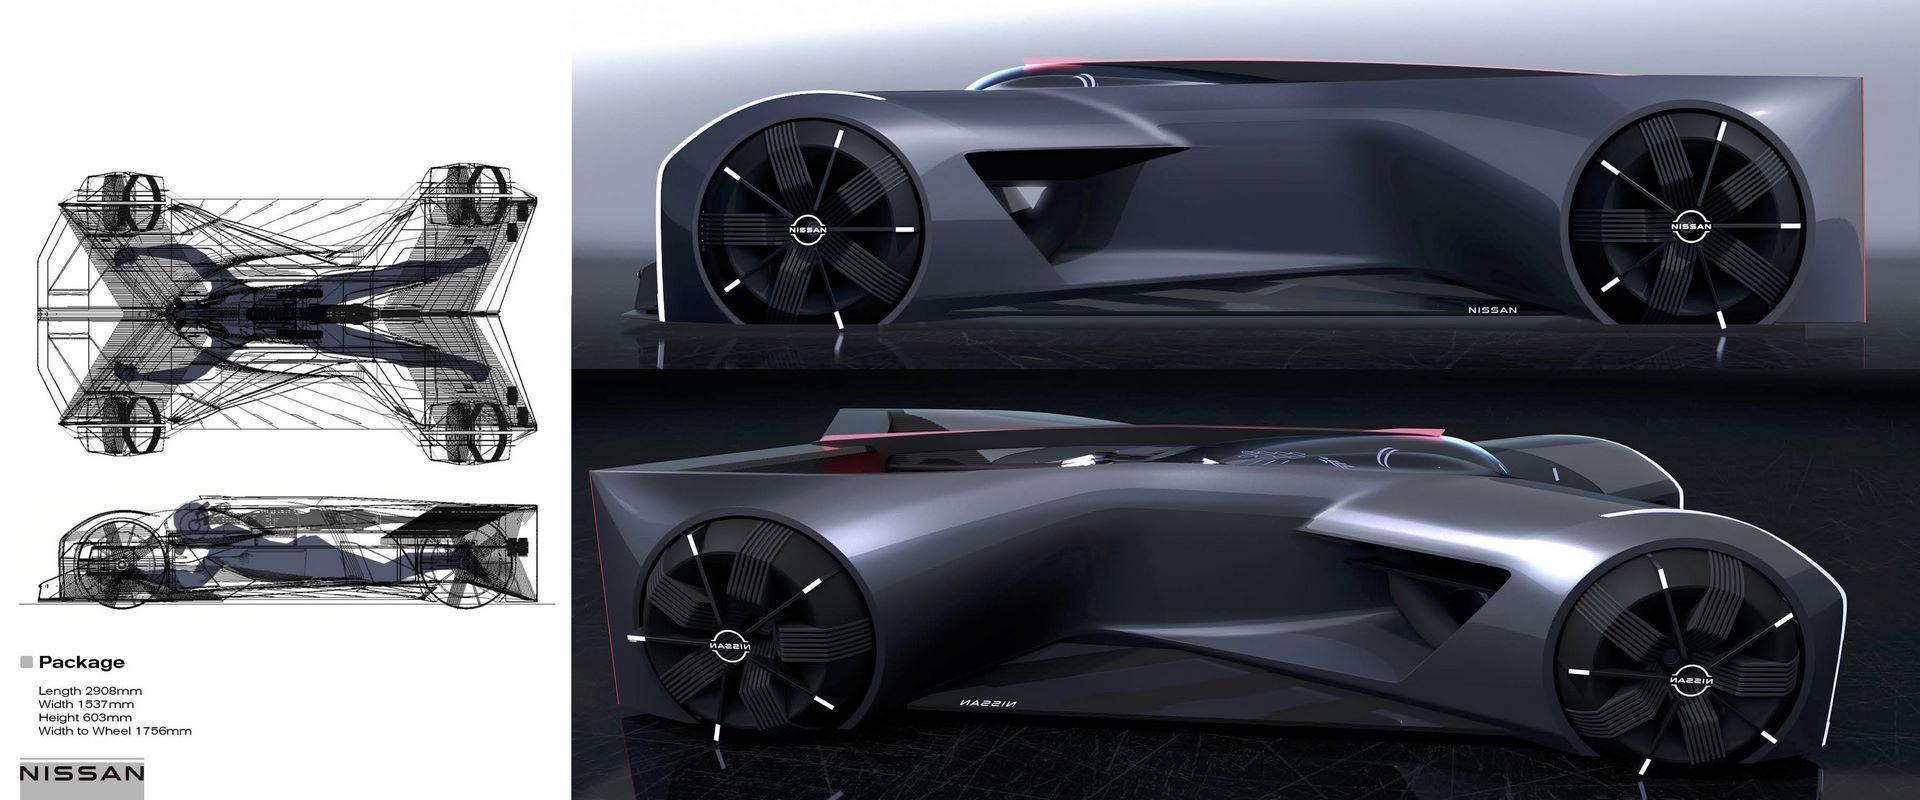 Nissan-GT-R-X-2050-Concept-30